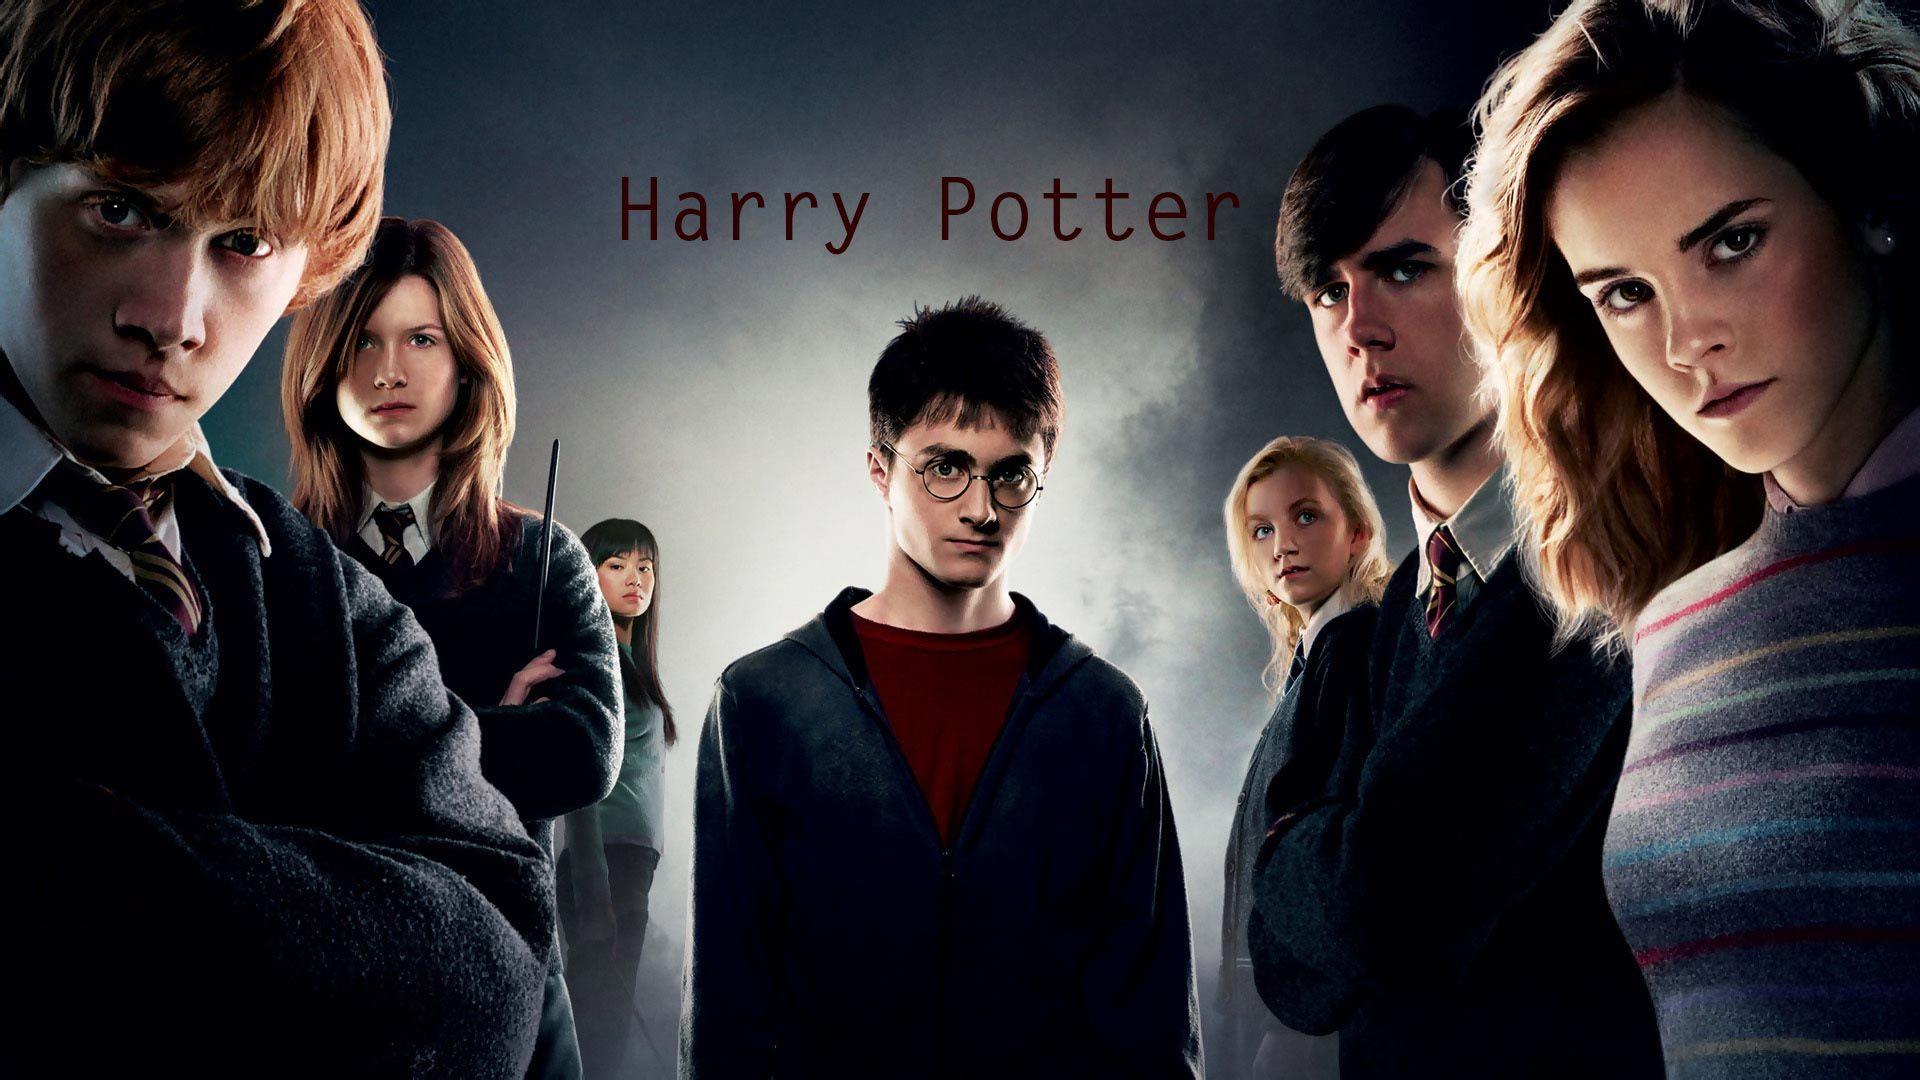 Harry Potter Wallpaper For Laptop 338347 Harry Potter Wallpaper Harry Potter Characters Harry Potter Actors